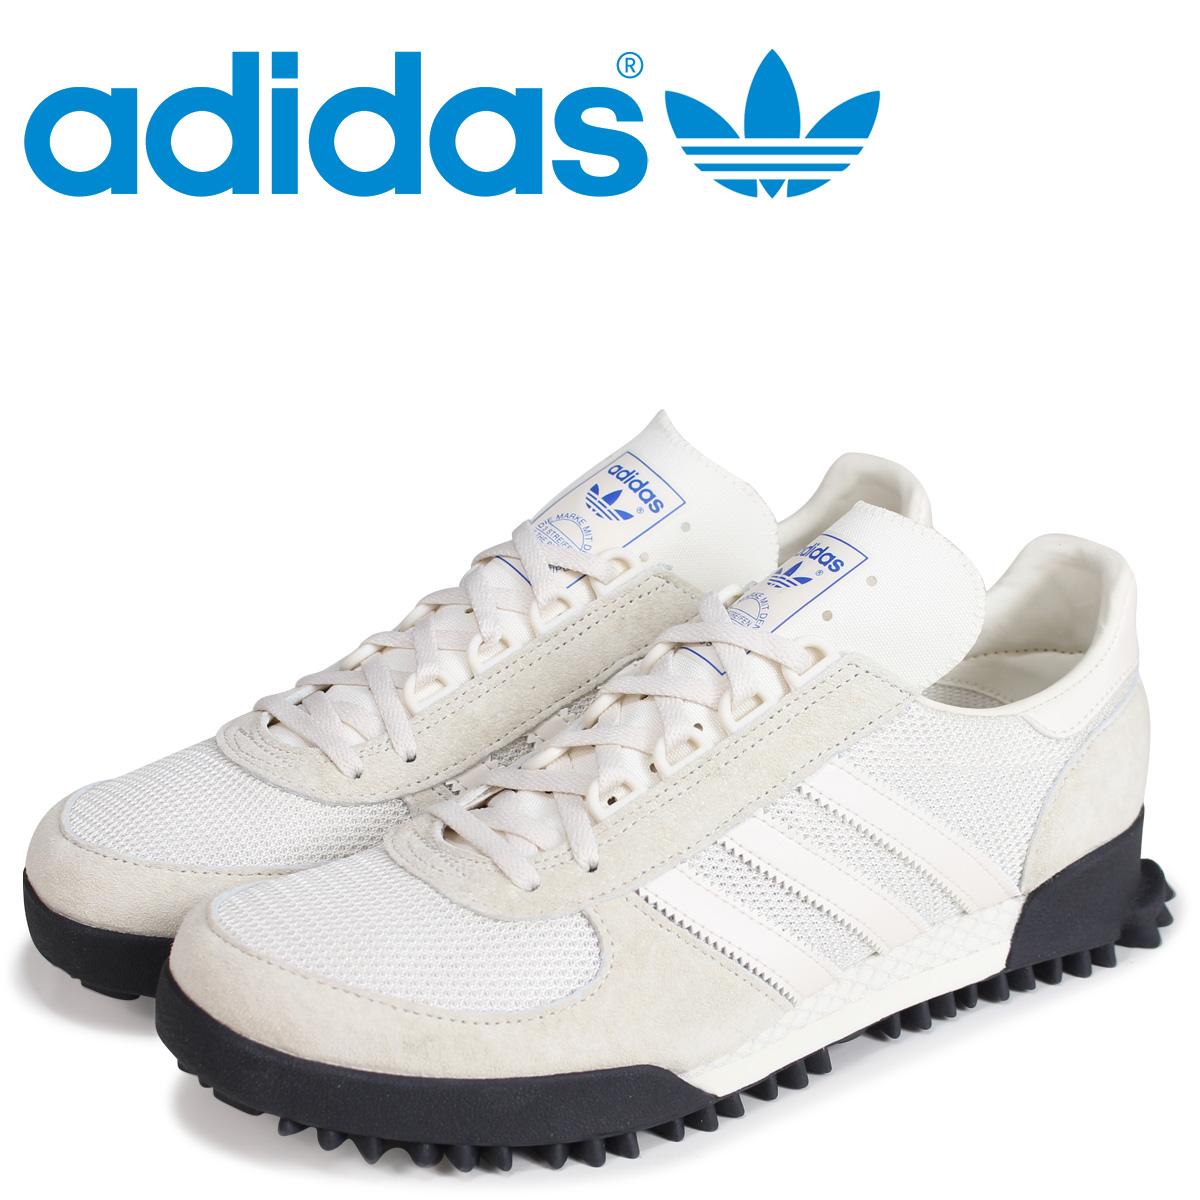 adidas Originals マラソン アディダス オリジナルス スニーカー MARATHON TR メンズ AQ1004 オフホワイト